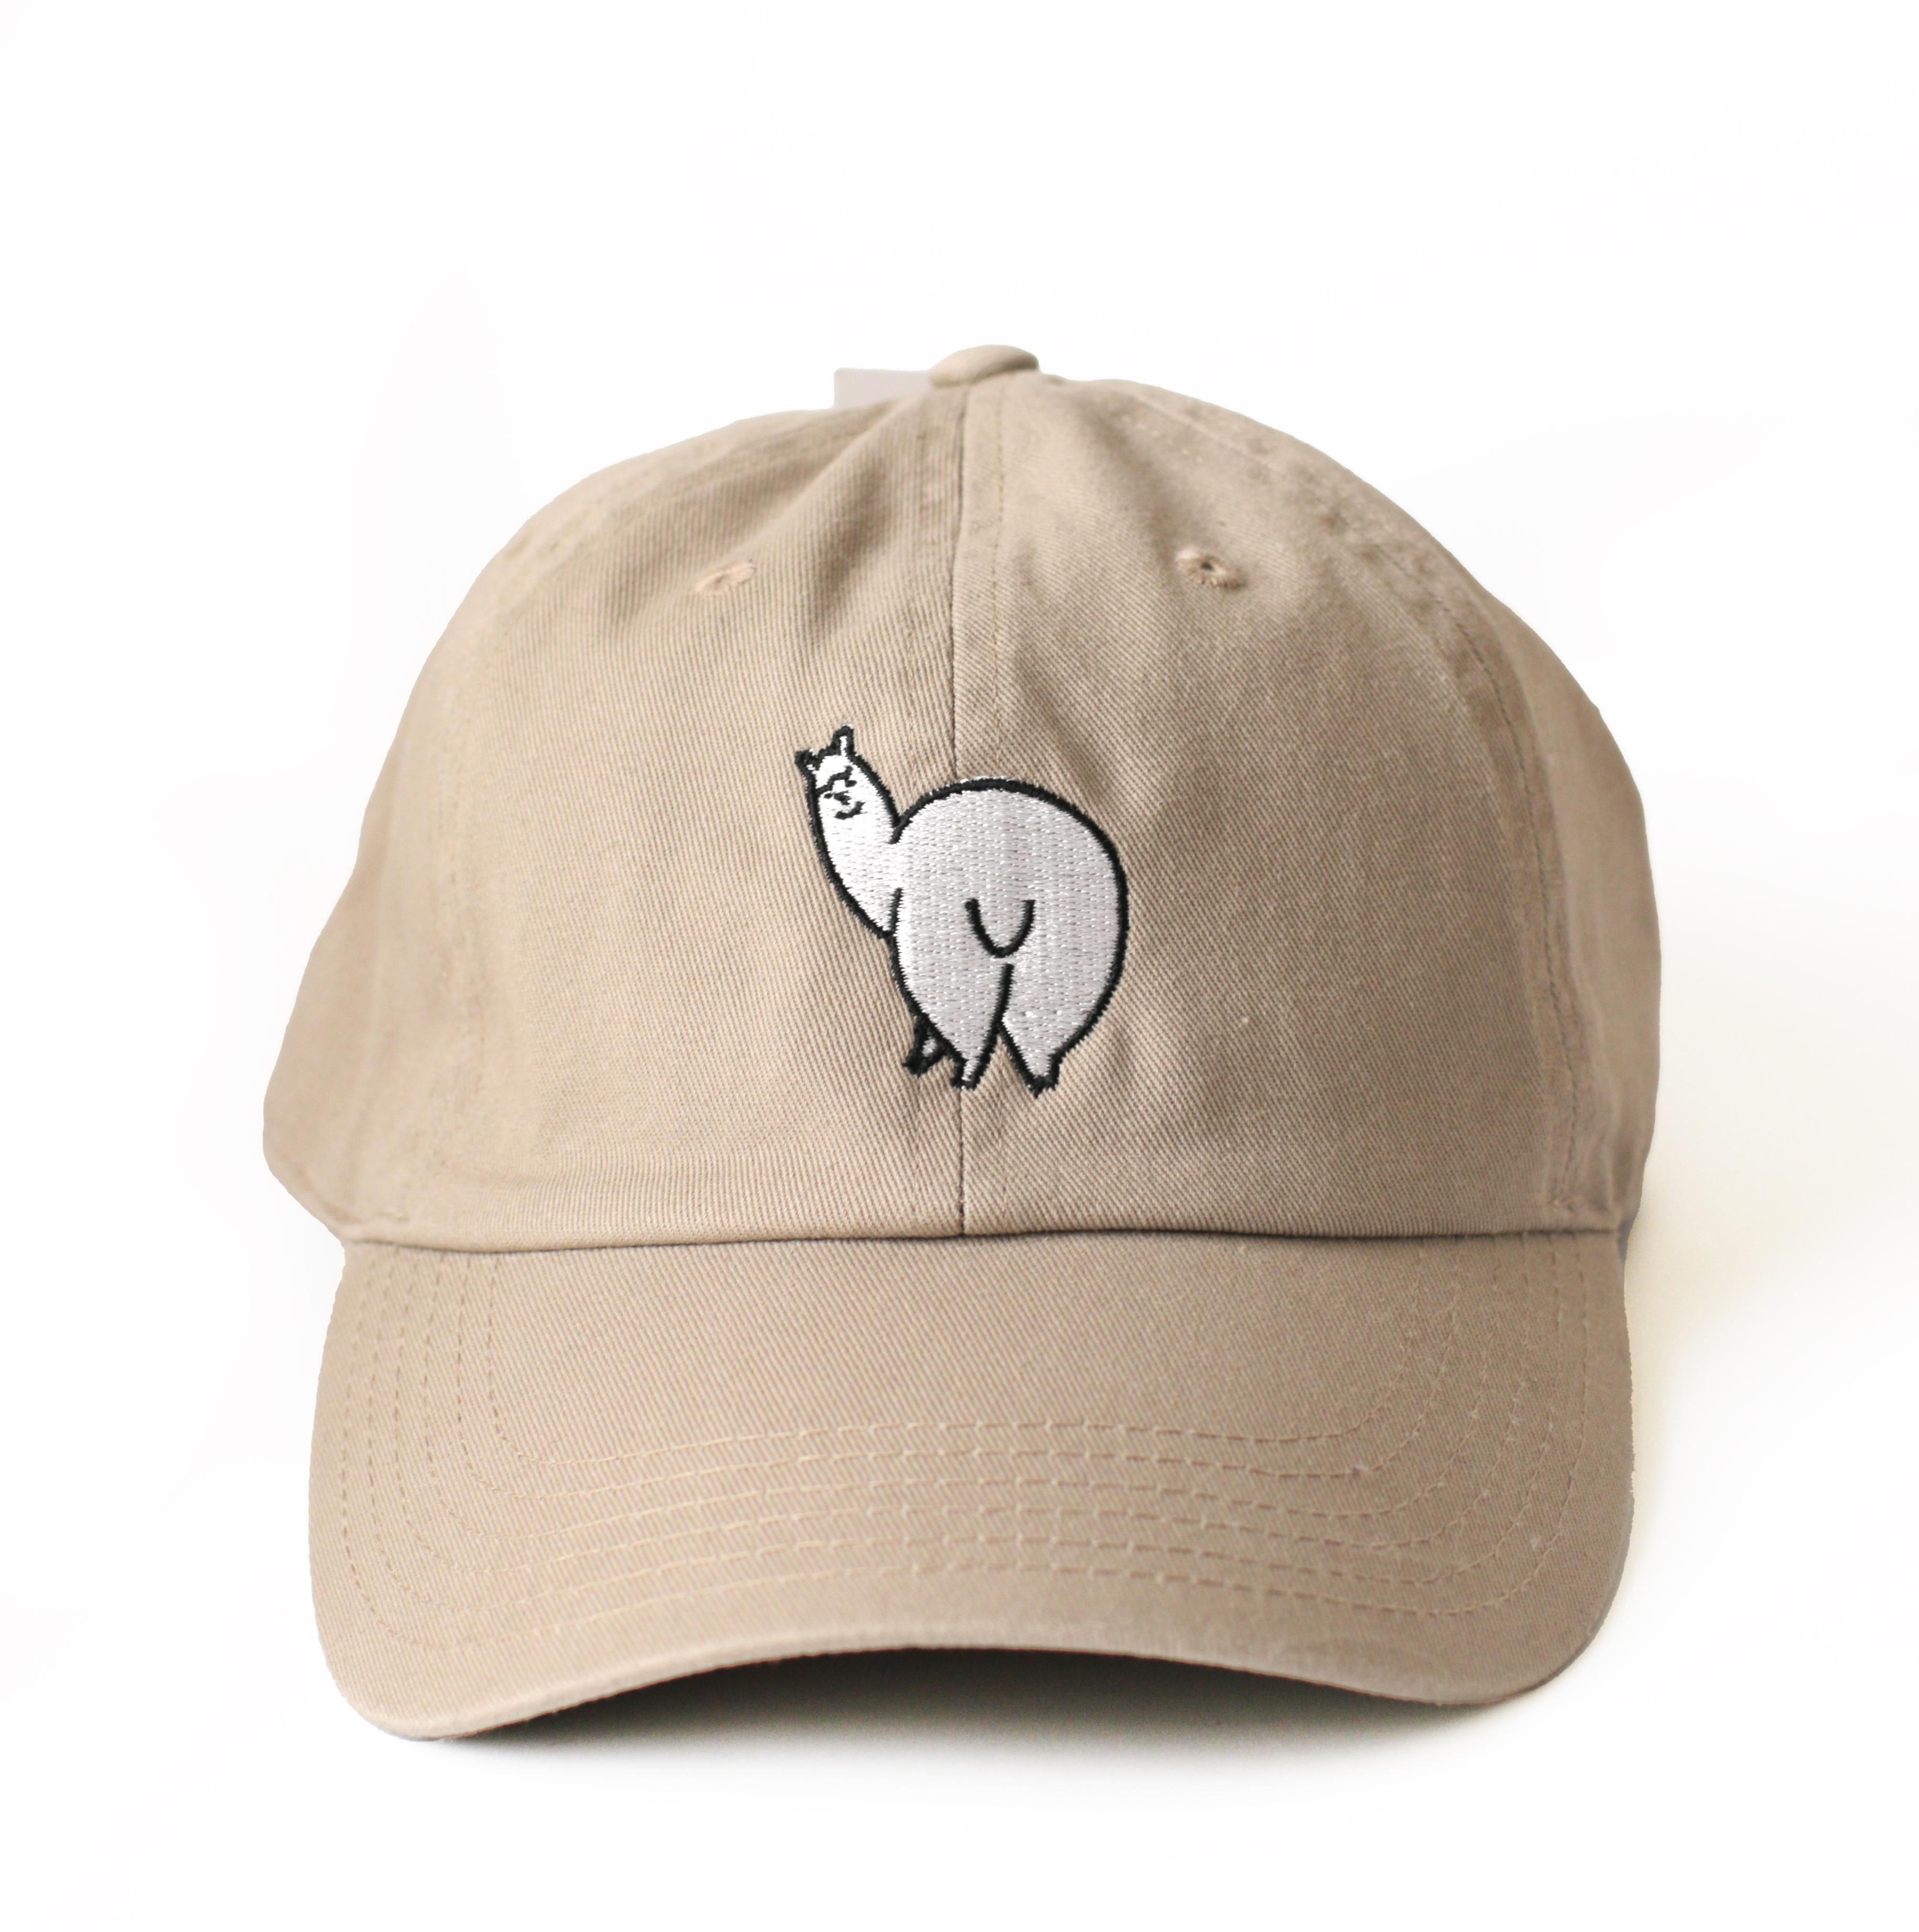 アルパカおしり刺繍CAP